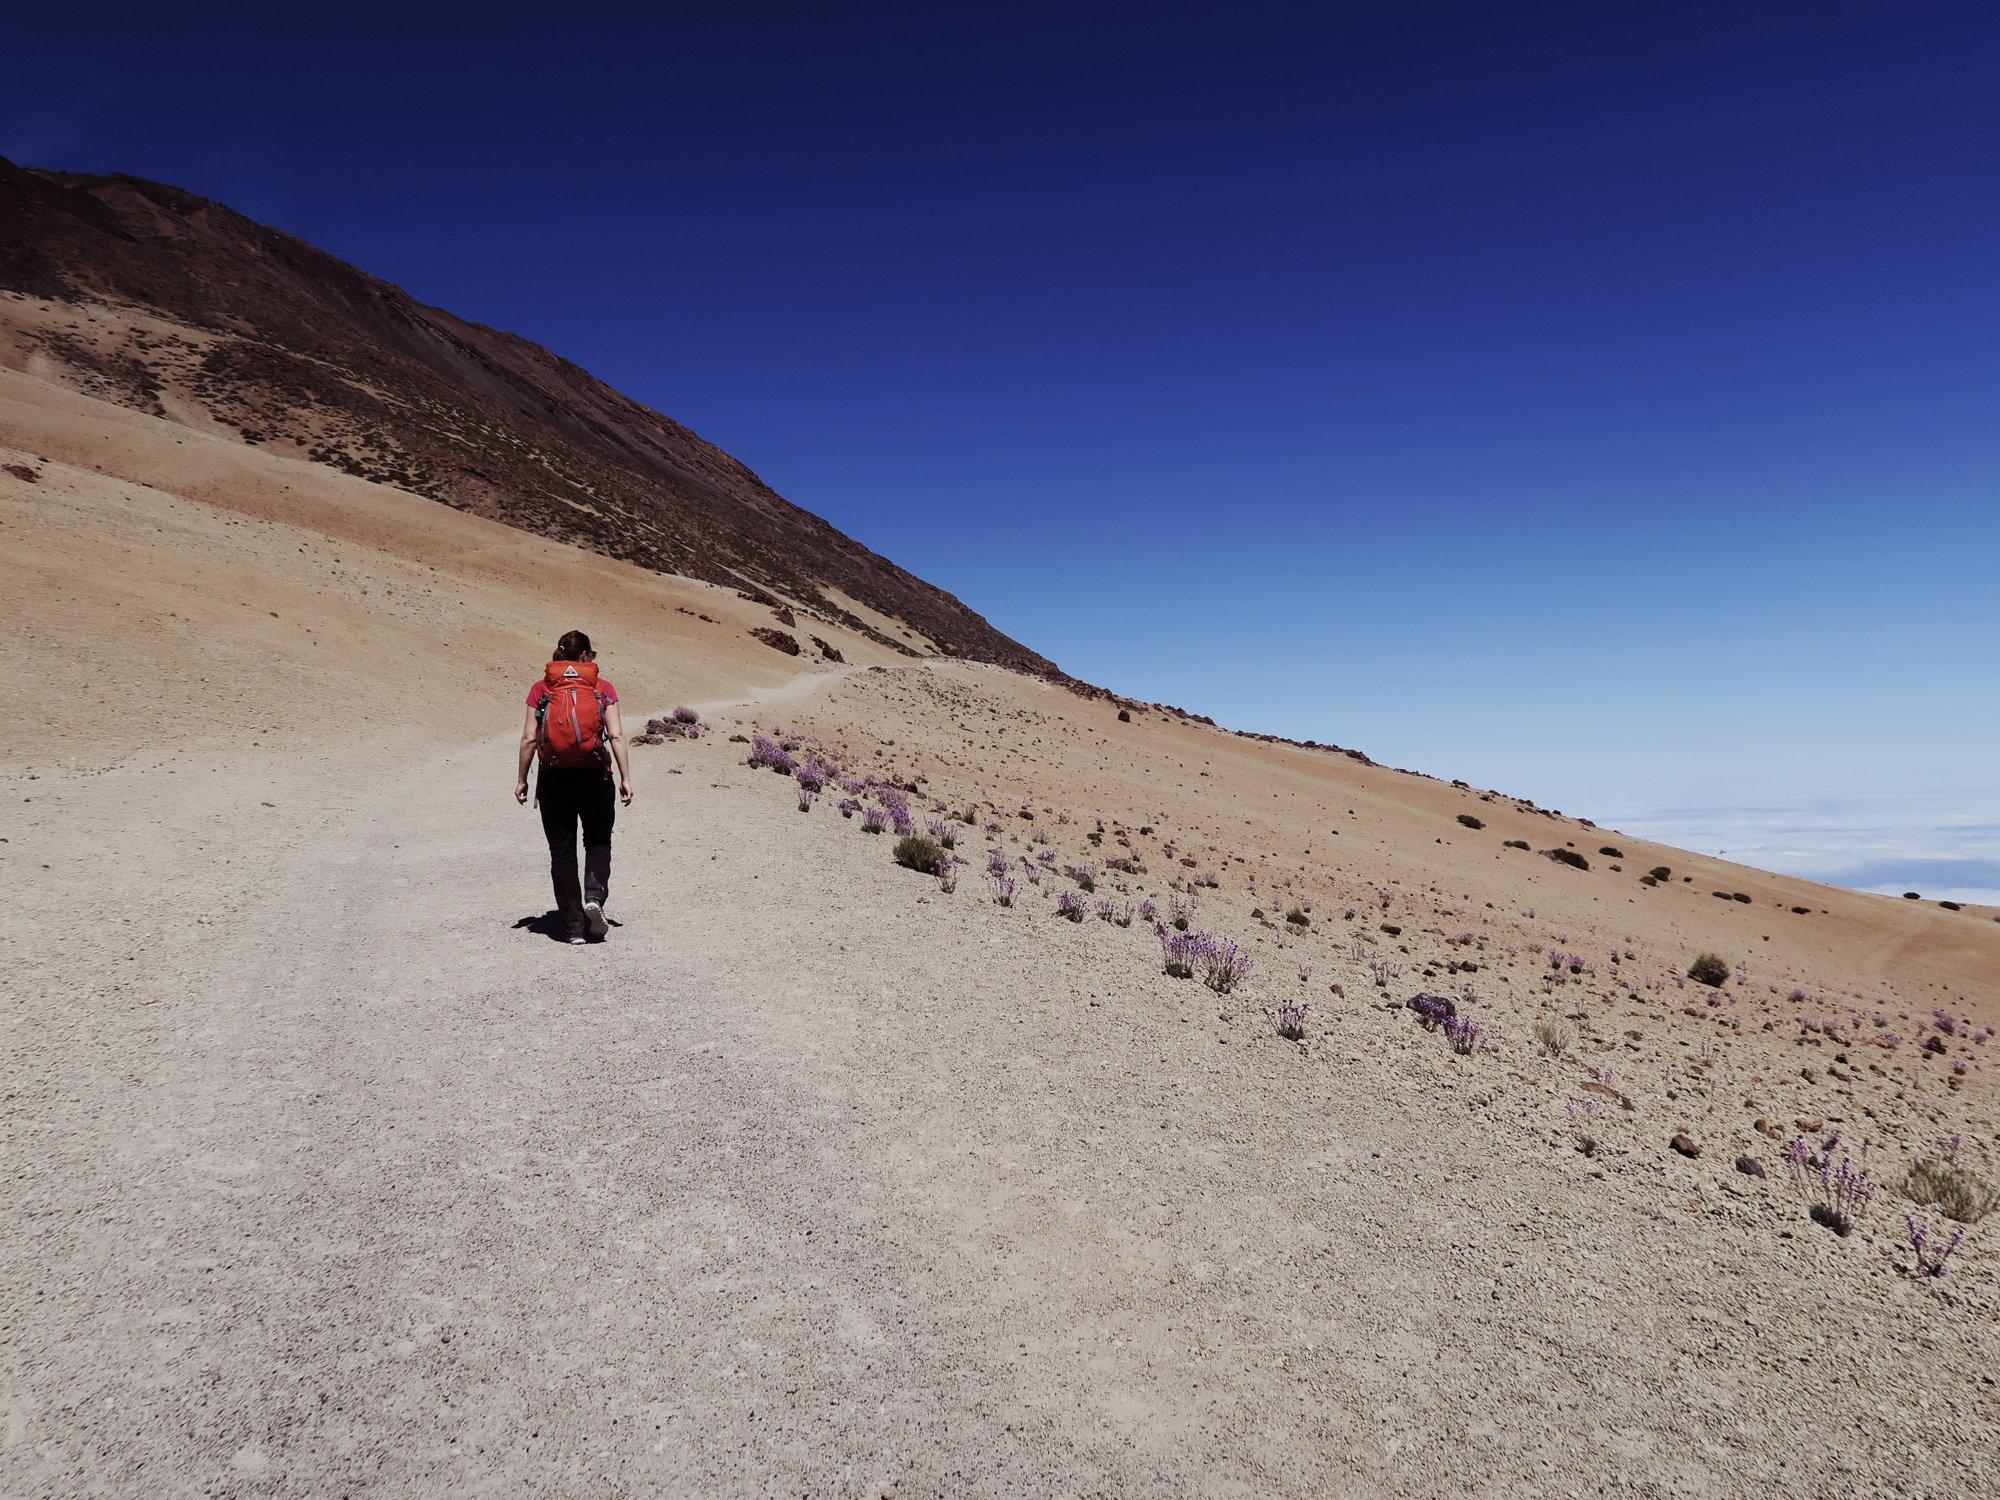 Wanderung durch helles Bimsgestein auf dem Weg zum Refugio Altavista